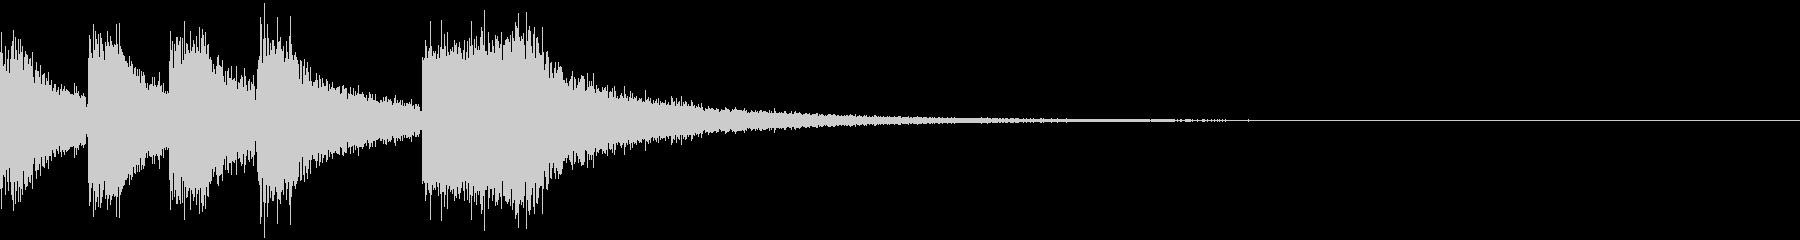 【音楽制作用】ノイズ FX_02の未再生の波形